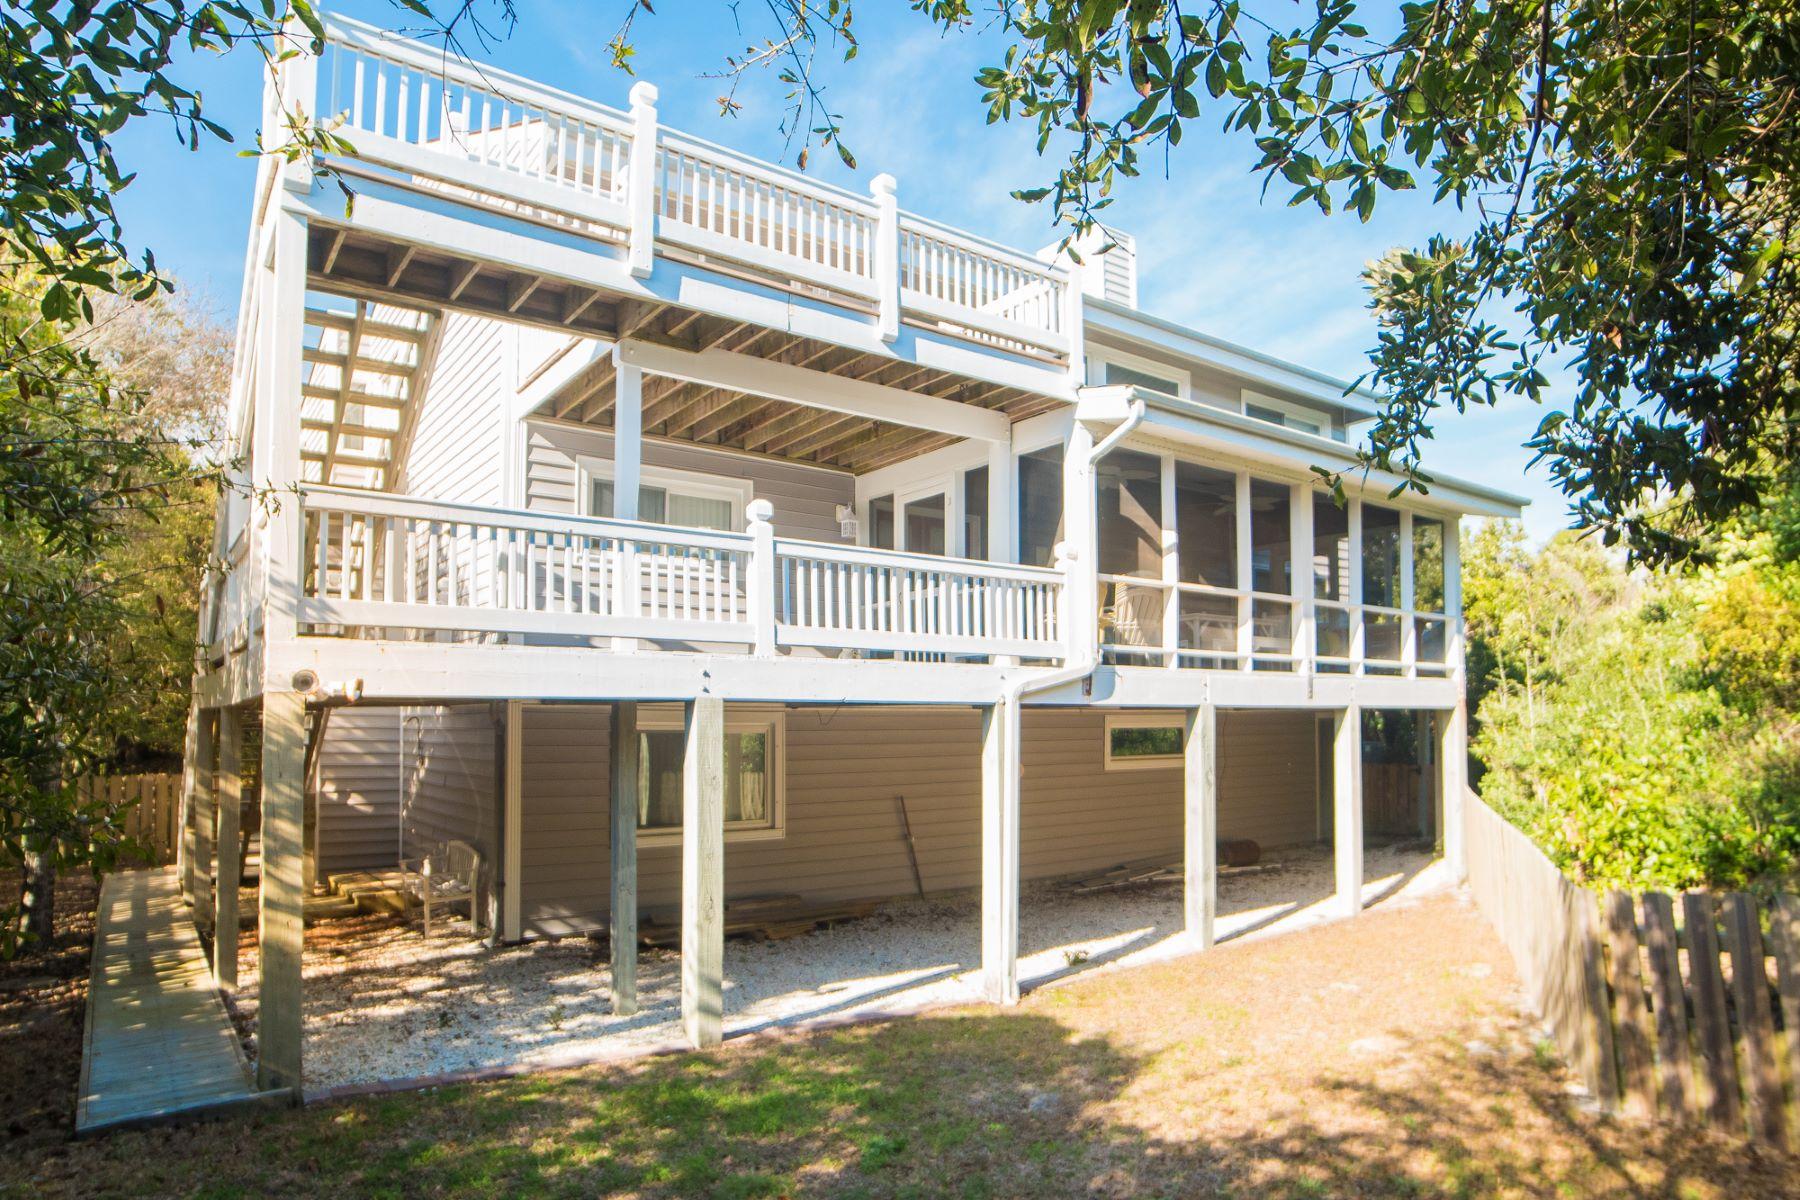 Maison unifamiliale pour l Vente à Spacious Island Home with Ocean Views and Privacy 126 Channel Bend Surf City, Carolina Du Nord, 28445 États-Unis